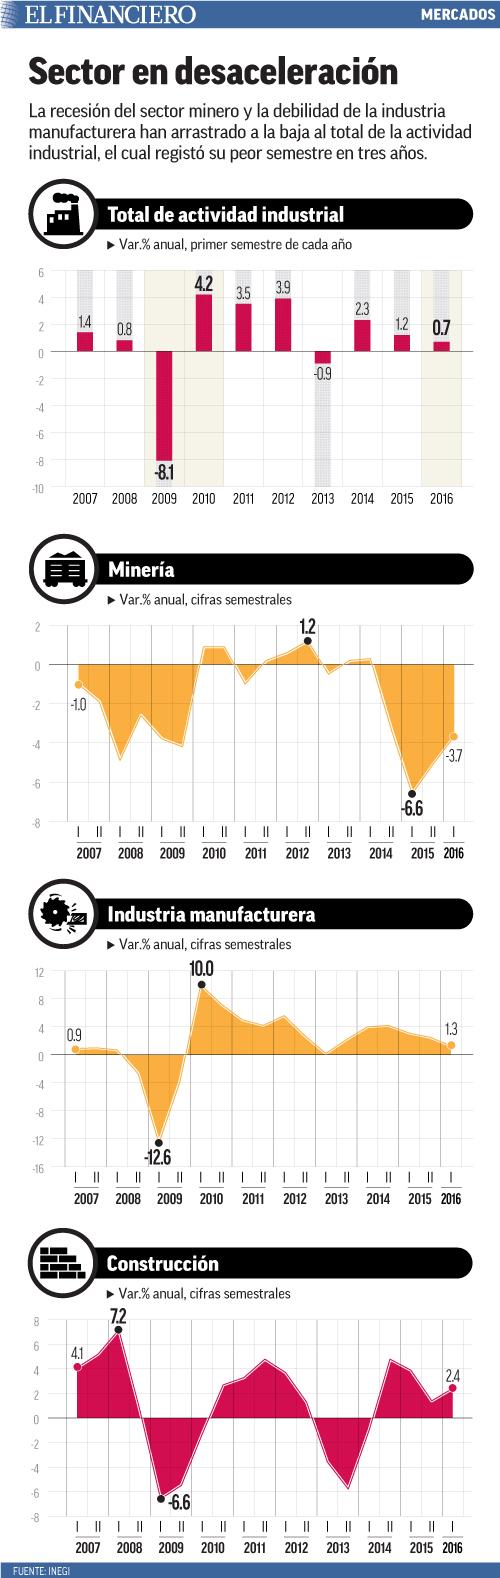 La recesión del sector minero y la debilidad de la industria manufacturera han arrastrado a la baja al total de la actividad industrial, el cual registó su peor semestre en tres años.